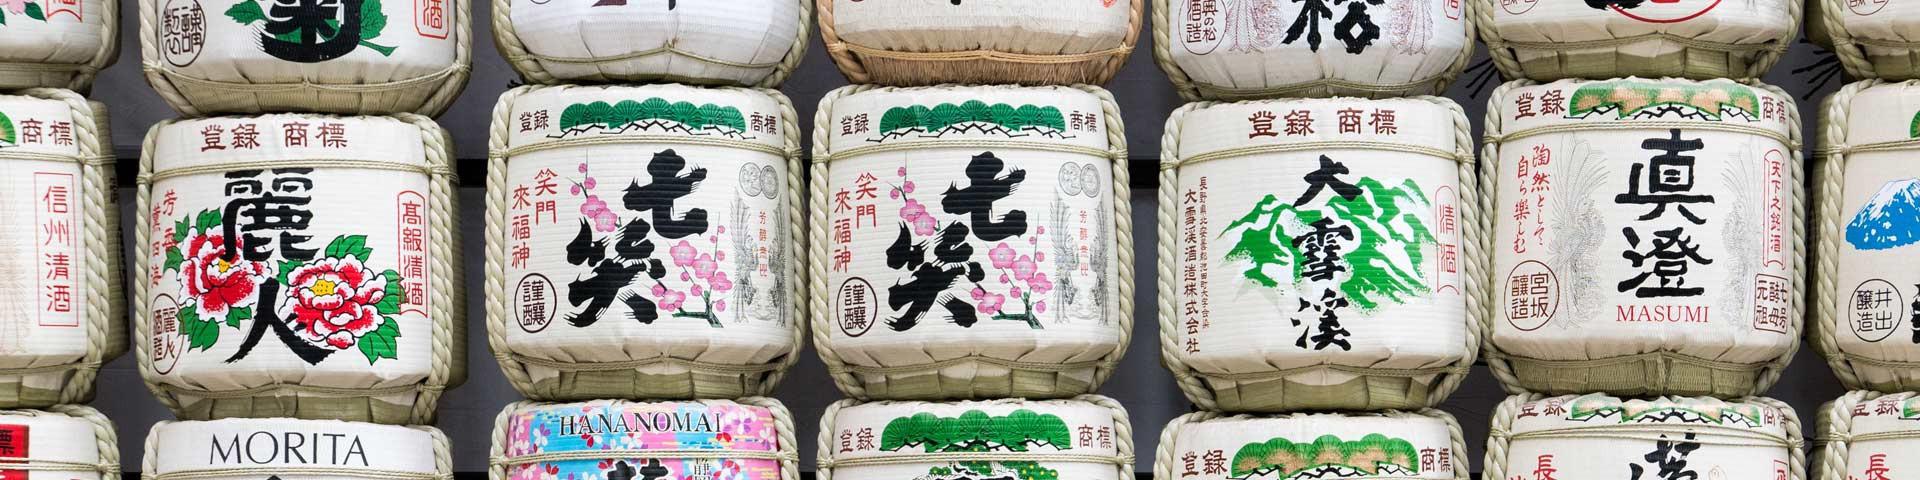 日本の飲類 | 日本酒